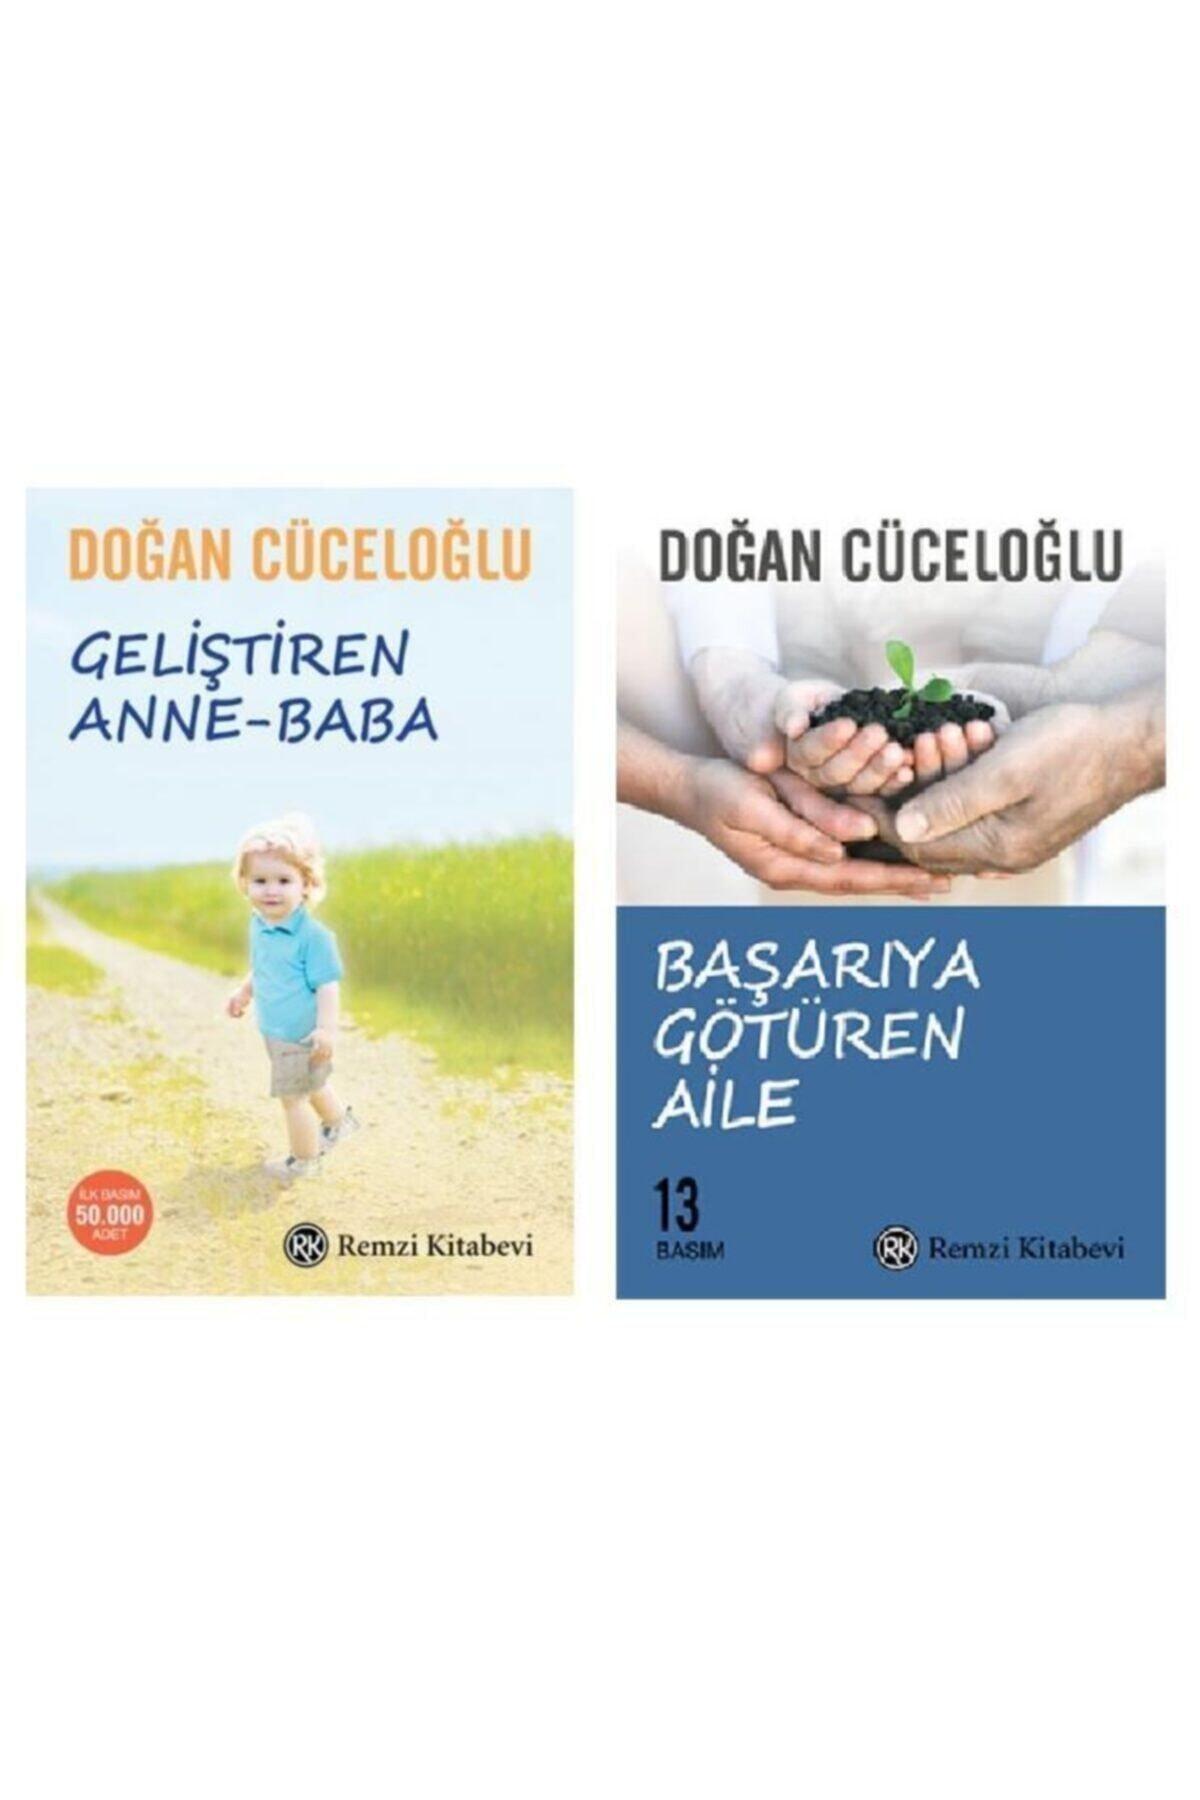 Remzi Kitabevi Geliştiren Anne Baba + Başarıya Götüren Aile 2 Kitap D. Cüceloğlu 1